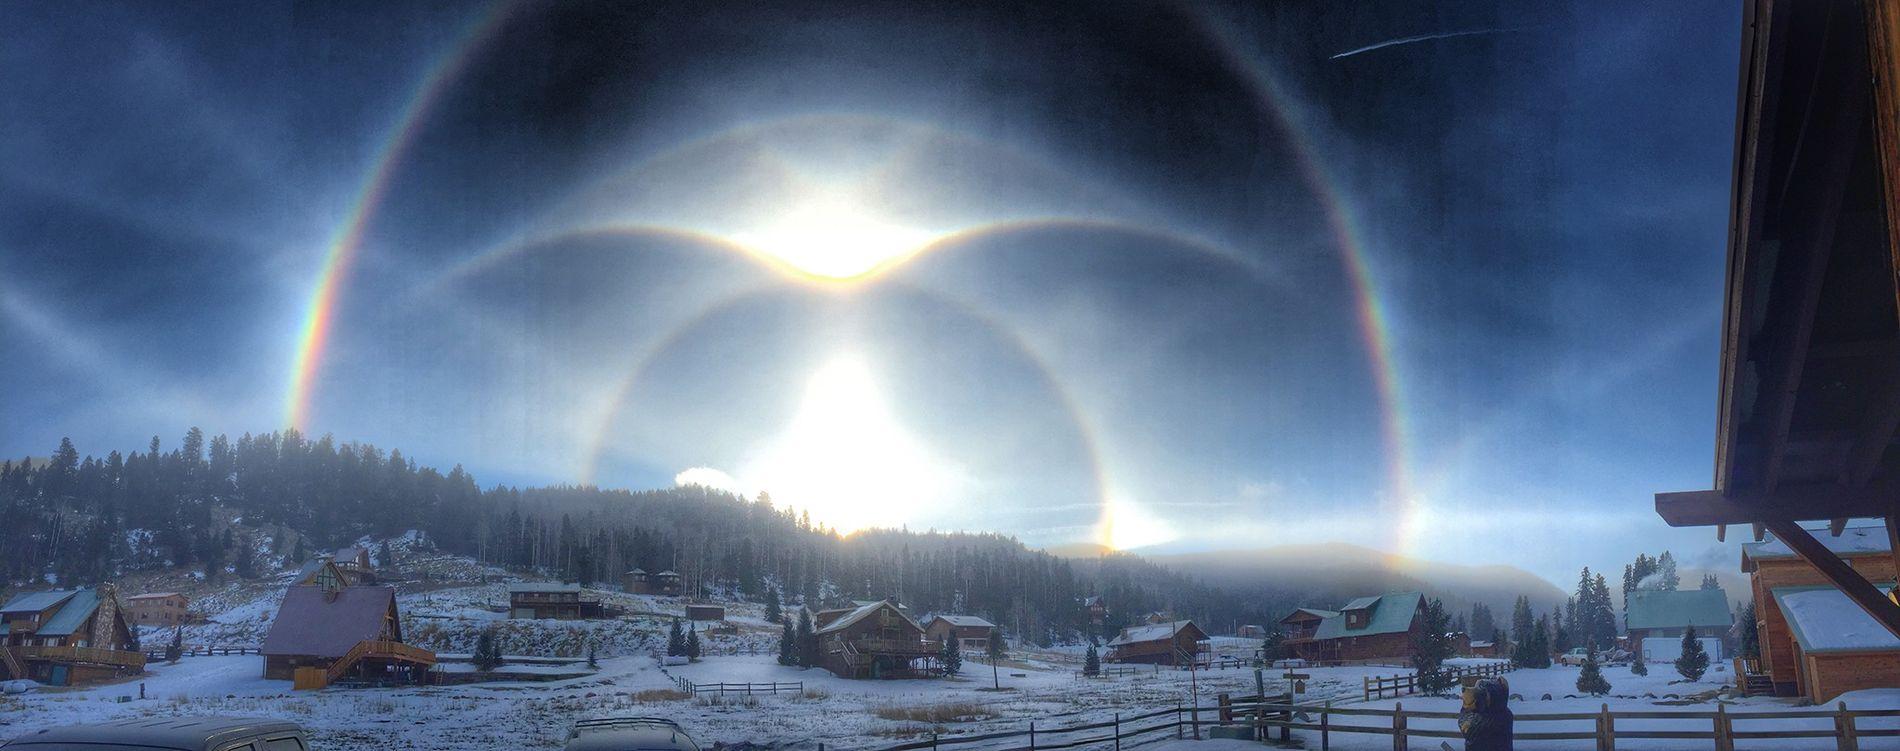 Halos, Lichtbögen und Lichtsäulen wurden 2015 über einem verschneiten Bergkamm in Red River, New Mexico, USA ...